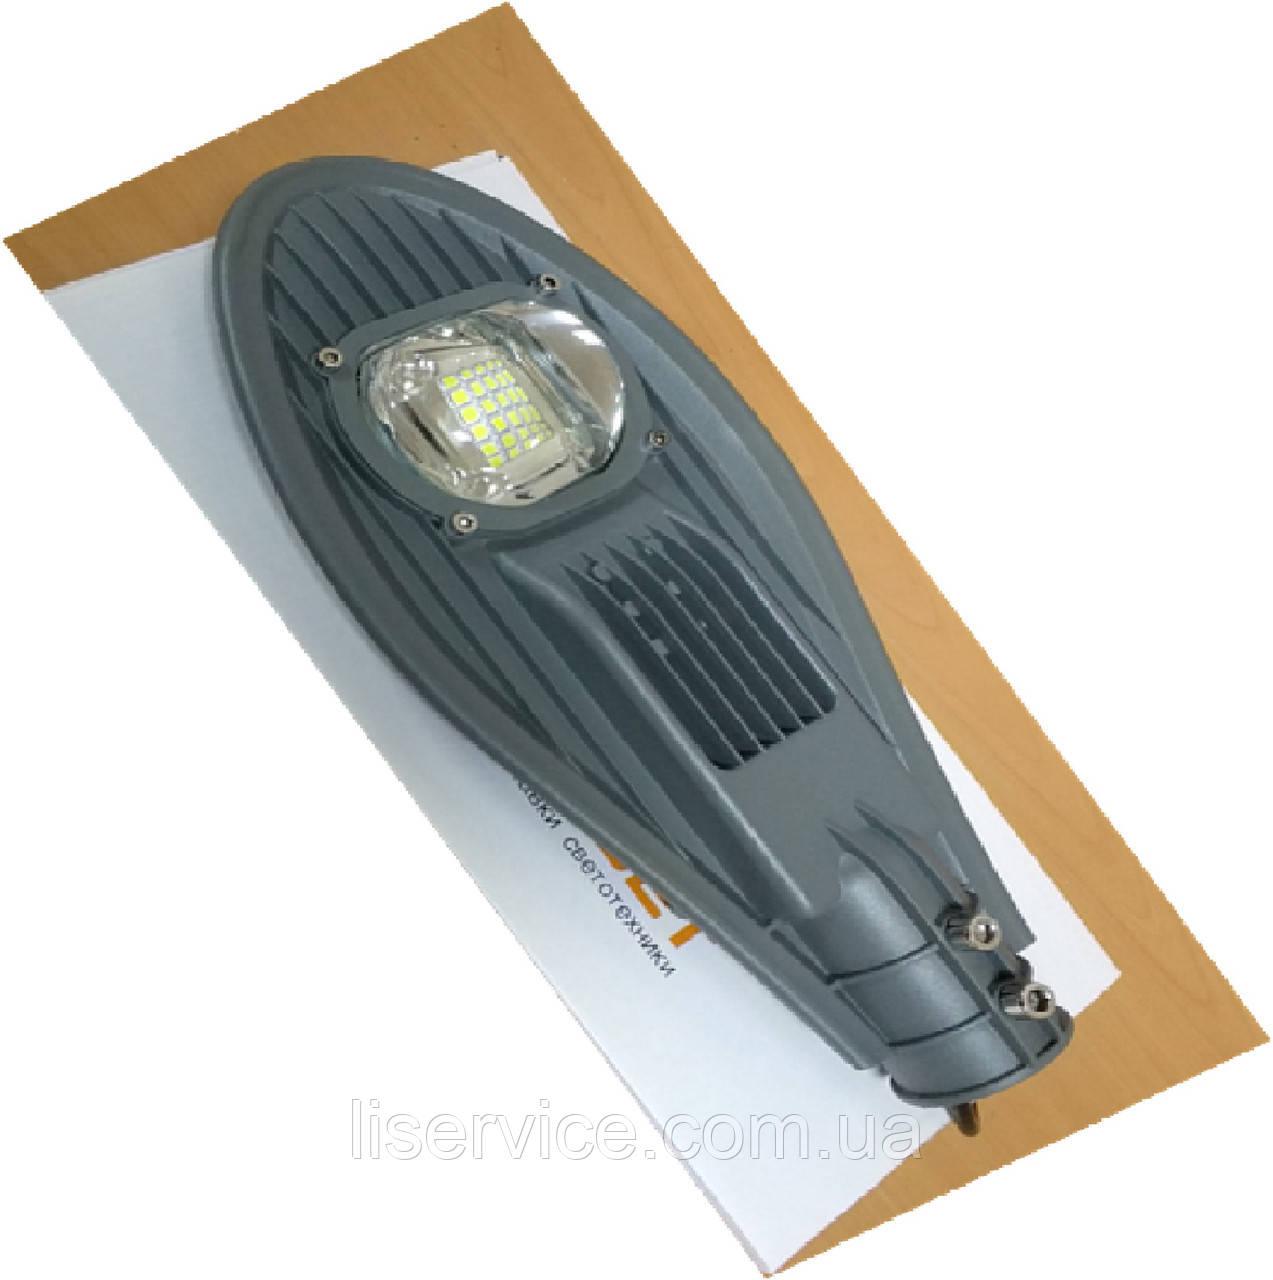 Светильник LED уличный консольный ЕВРОСВЕТ ST-50-04 50Вт 6400К 4500Лм серый SMD (5-7 метров)